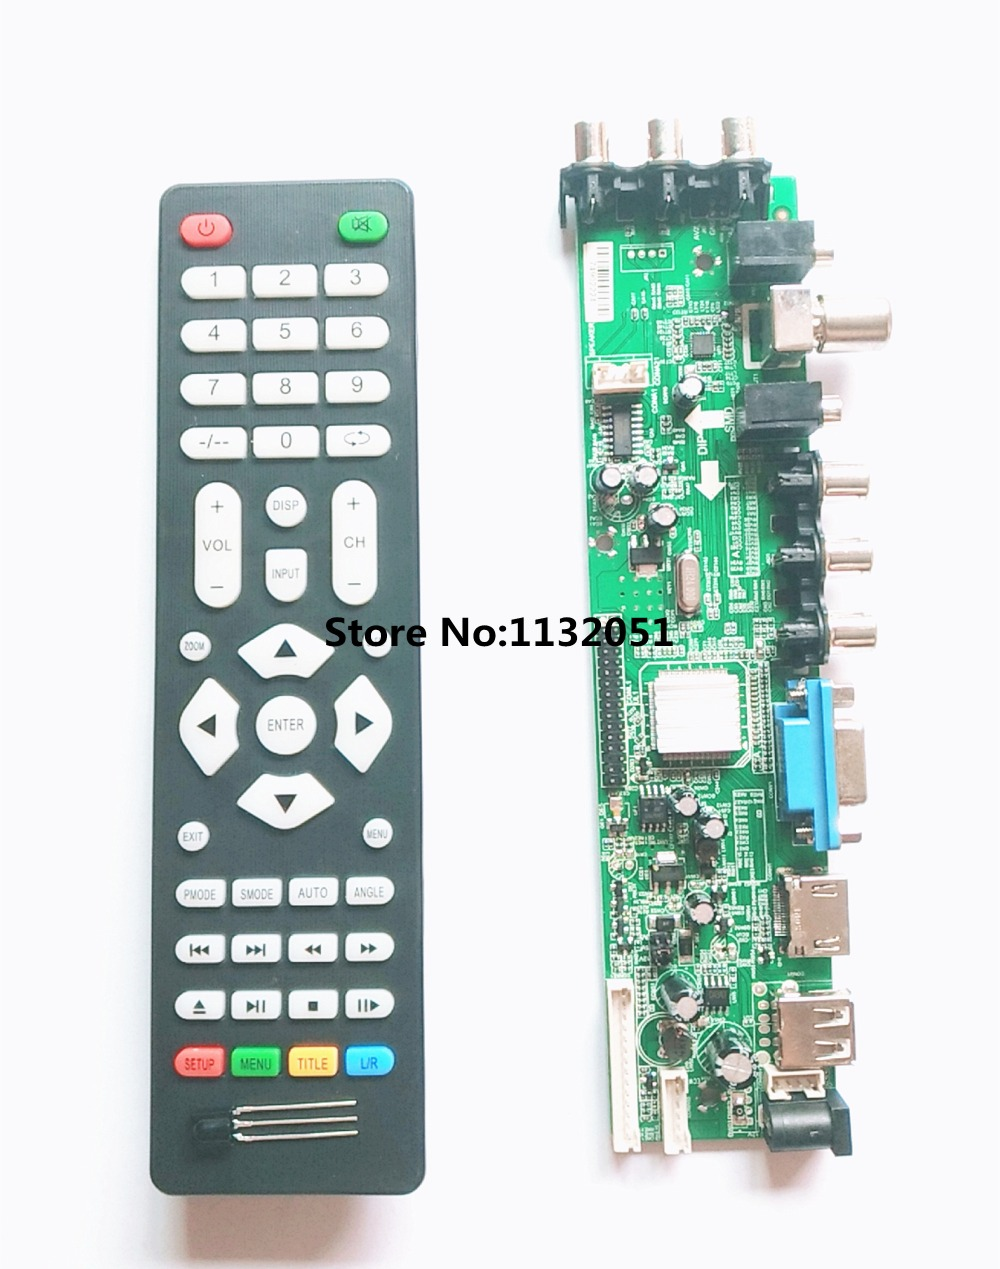 DS.D3663LUA.A8-1-A V56 V59 Universal LCD Treiber-platine Unterstützung DVB-T2 DVB-T DVB-C Universal TV Bord 3663 remate control IR